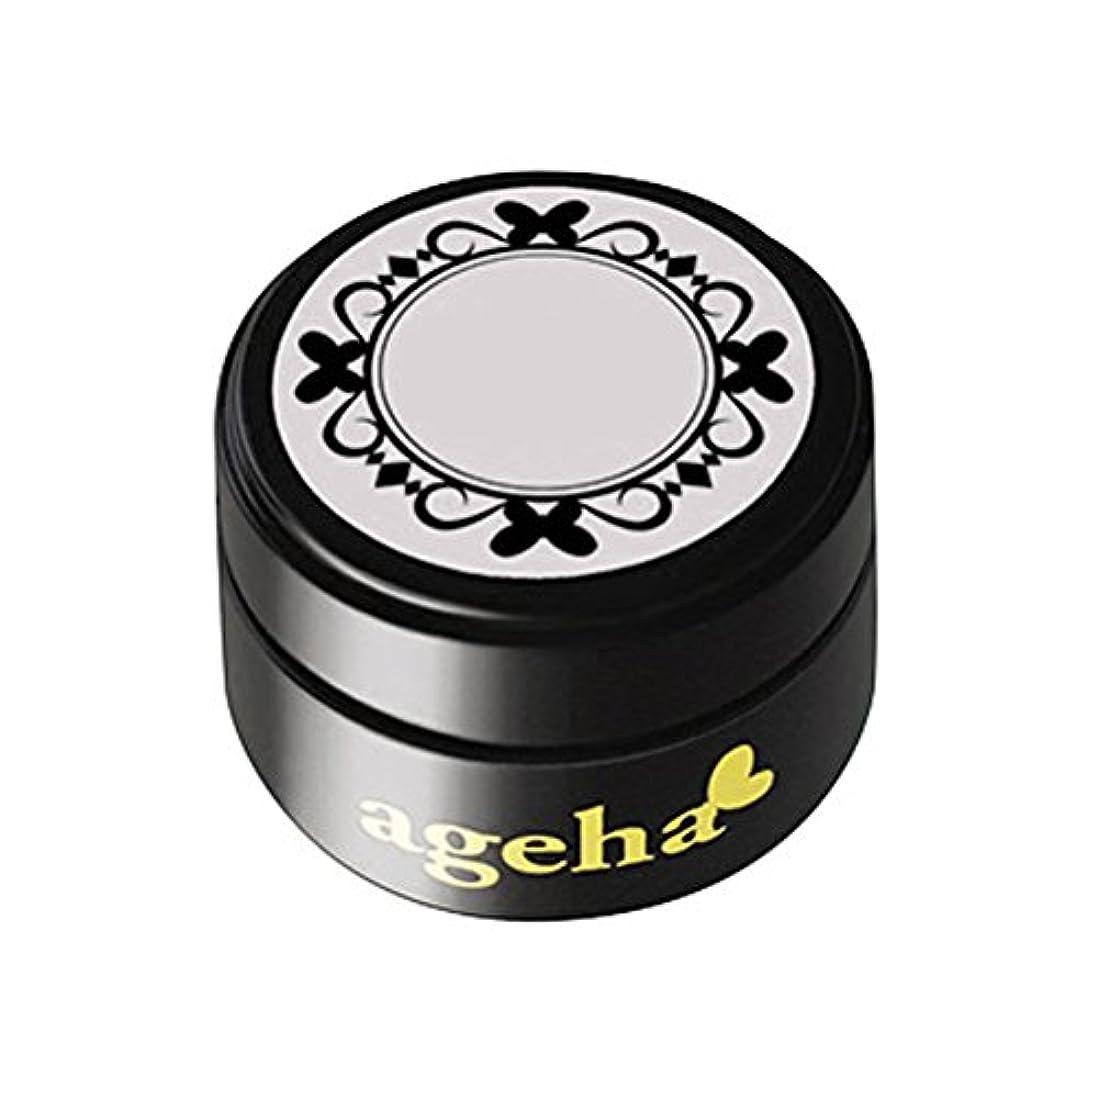 自分病的責任者ageha gel カラージェル コスメカラー 200 ホワイト 2.7g UV/LED対応